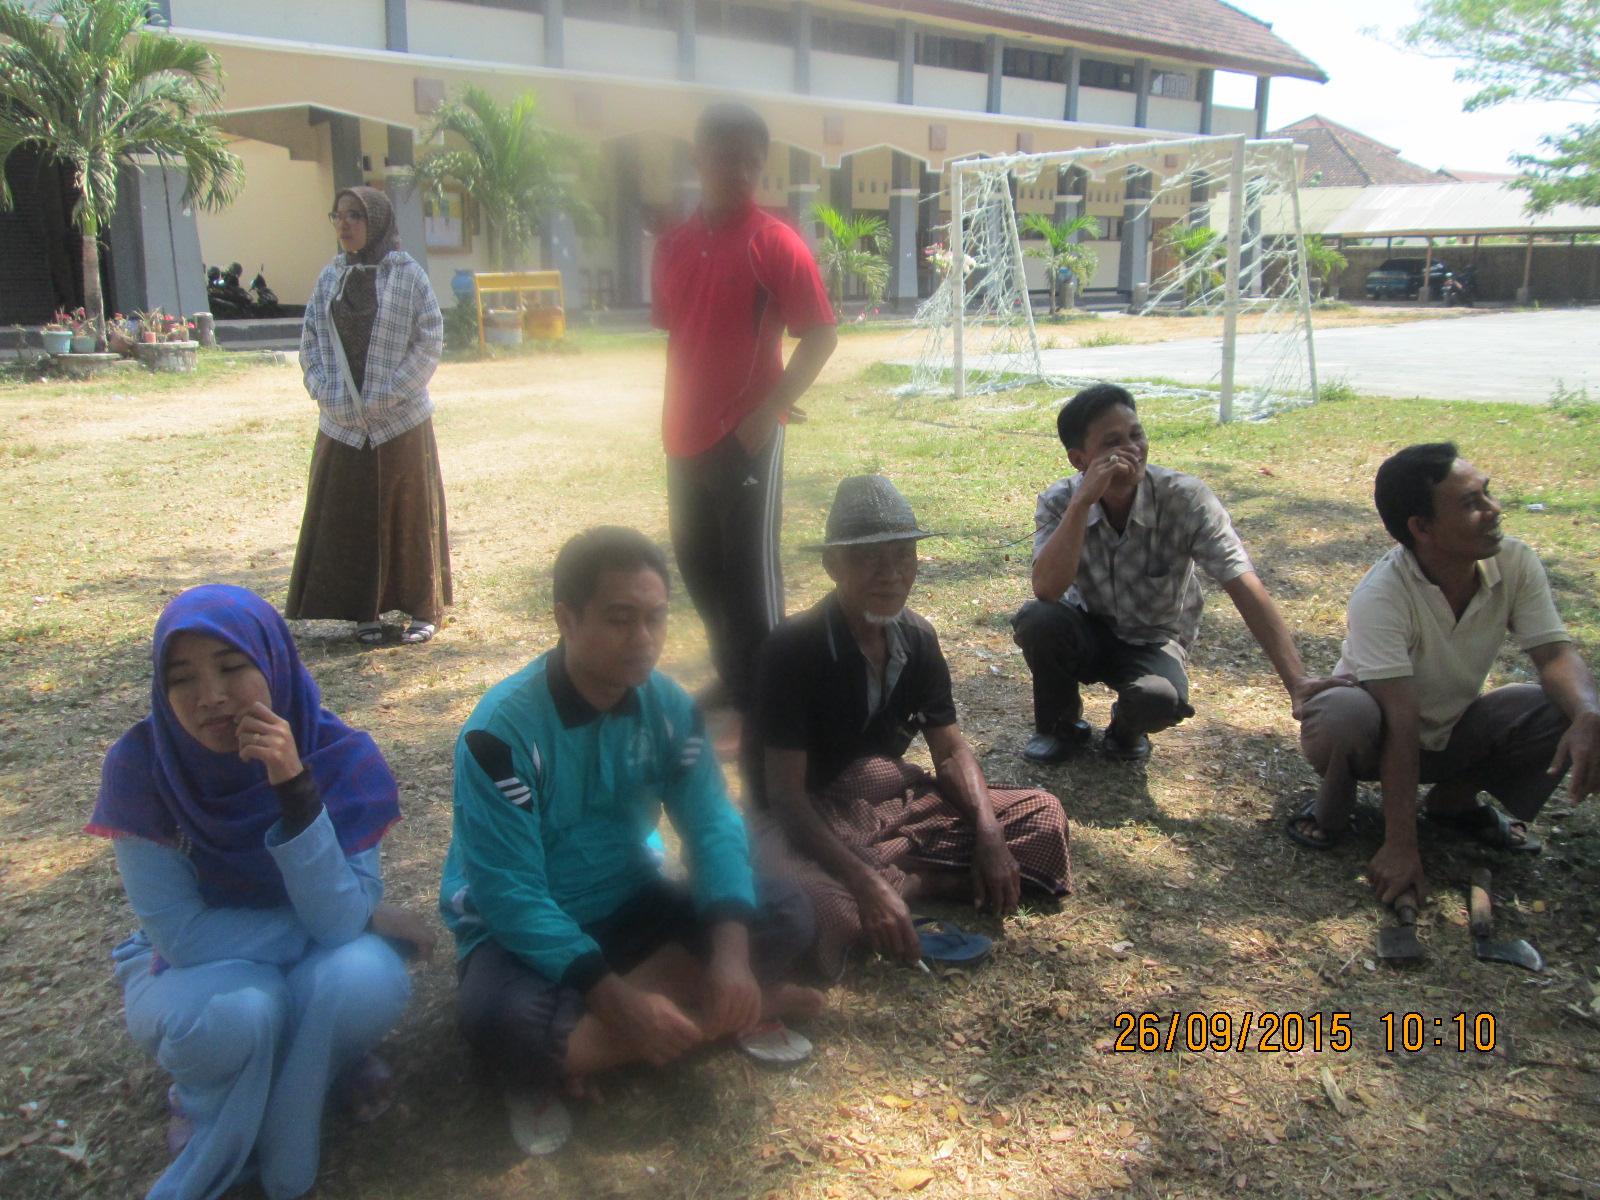 Pemotongan Hewan Qurban Di Man Gerung Man Gerung Lombok Barat